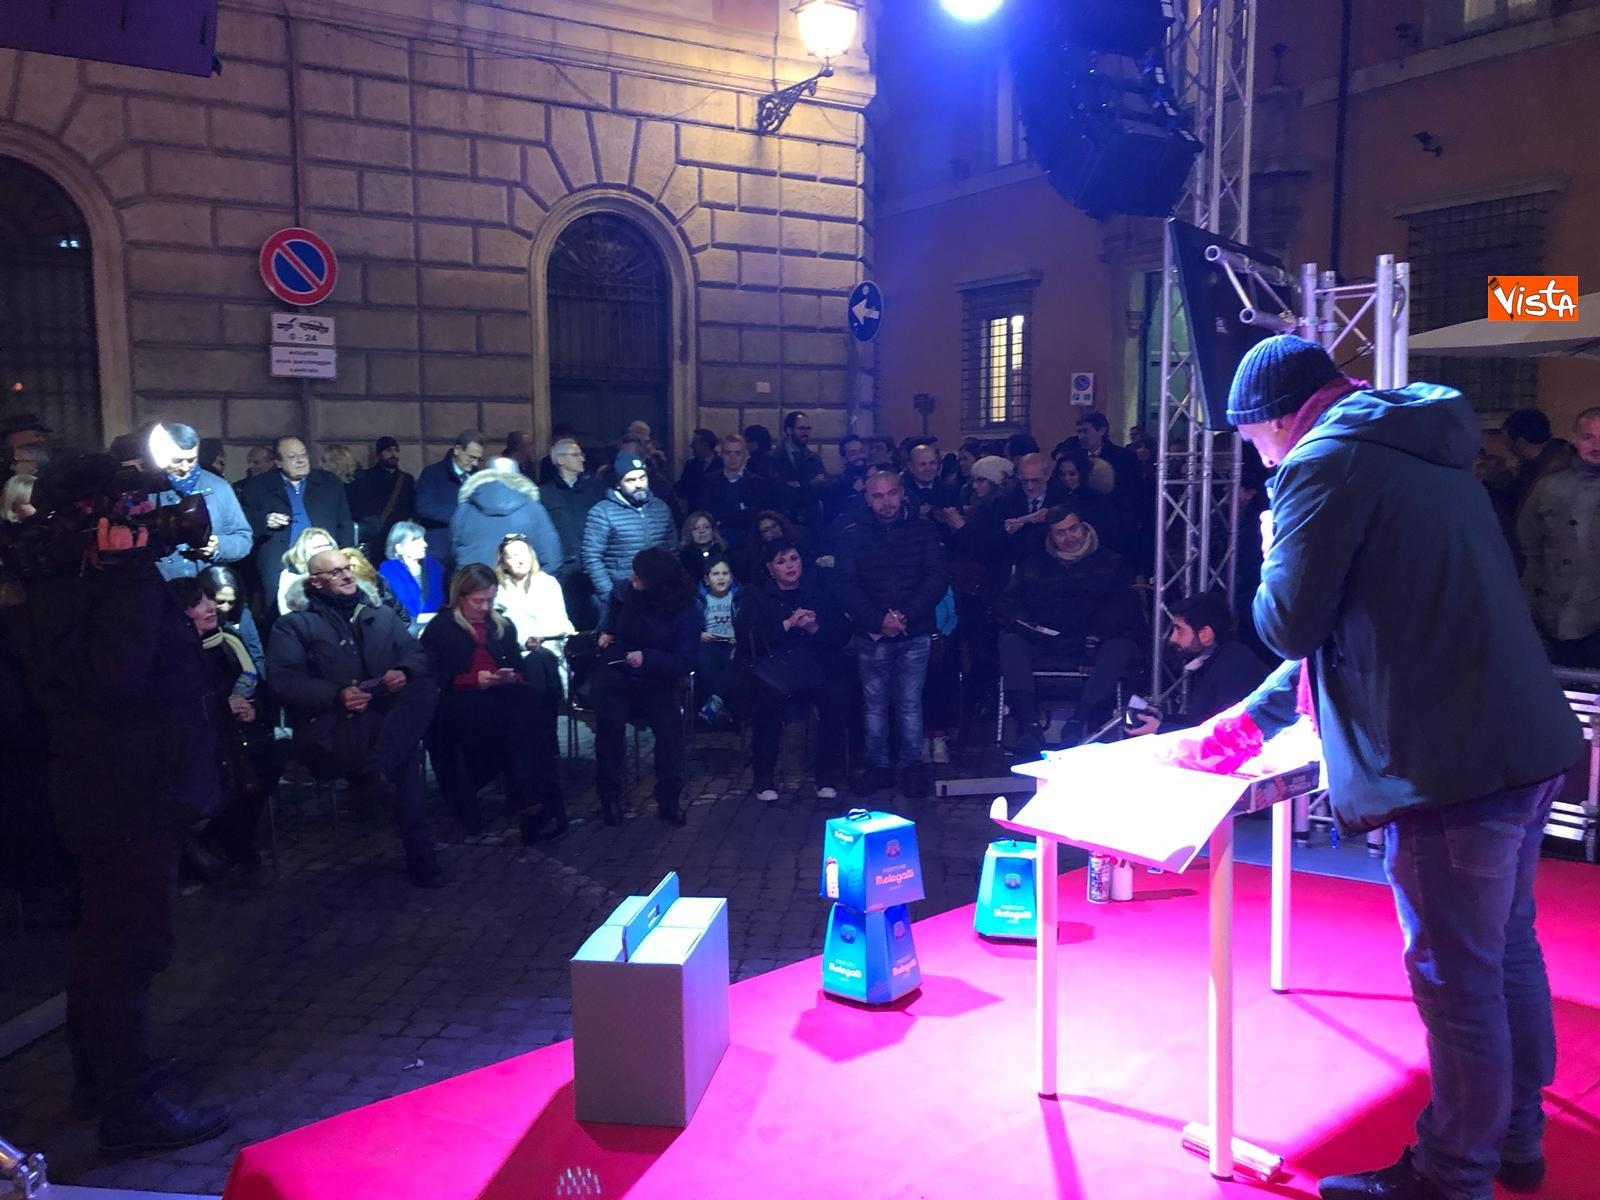 La festa di natale di Fratelli d'Italia, tra prodotti locali e tombolata sovranista_20